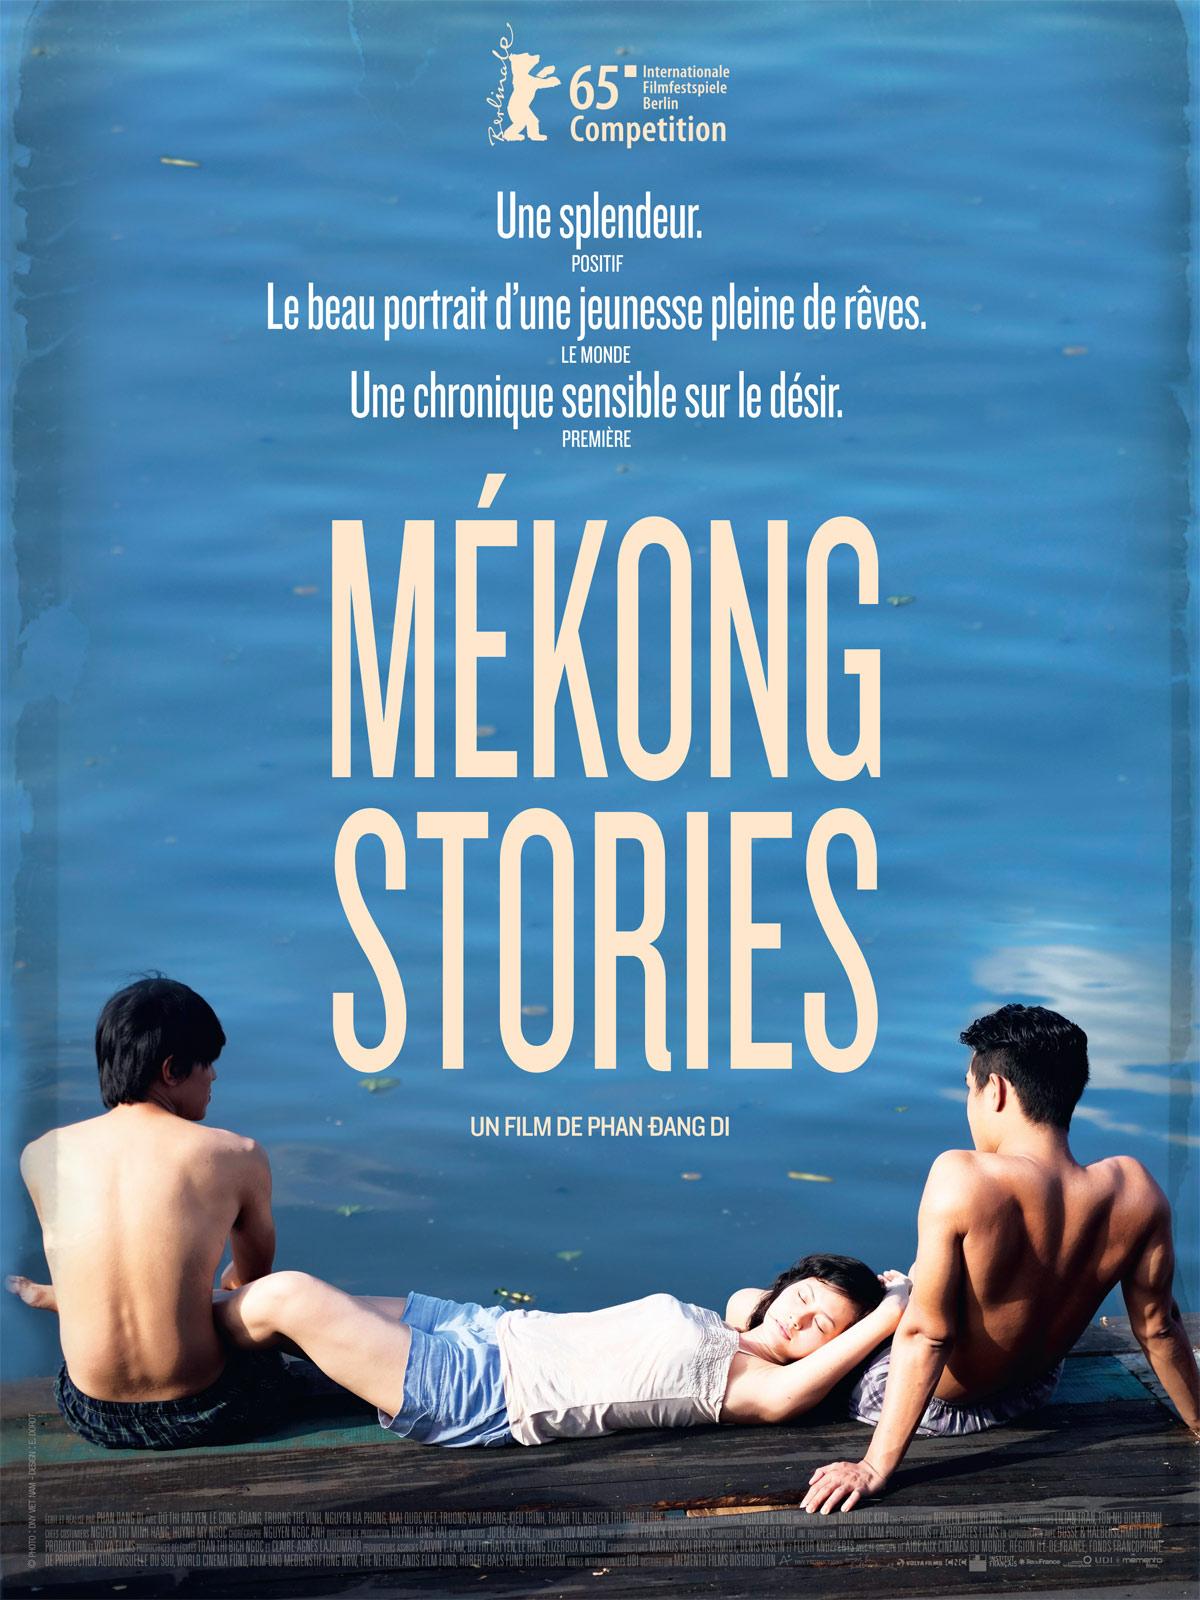 télécharger Mekong Stories